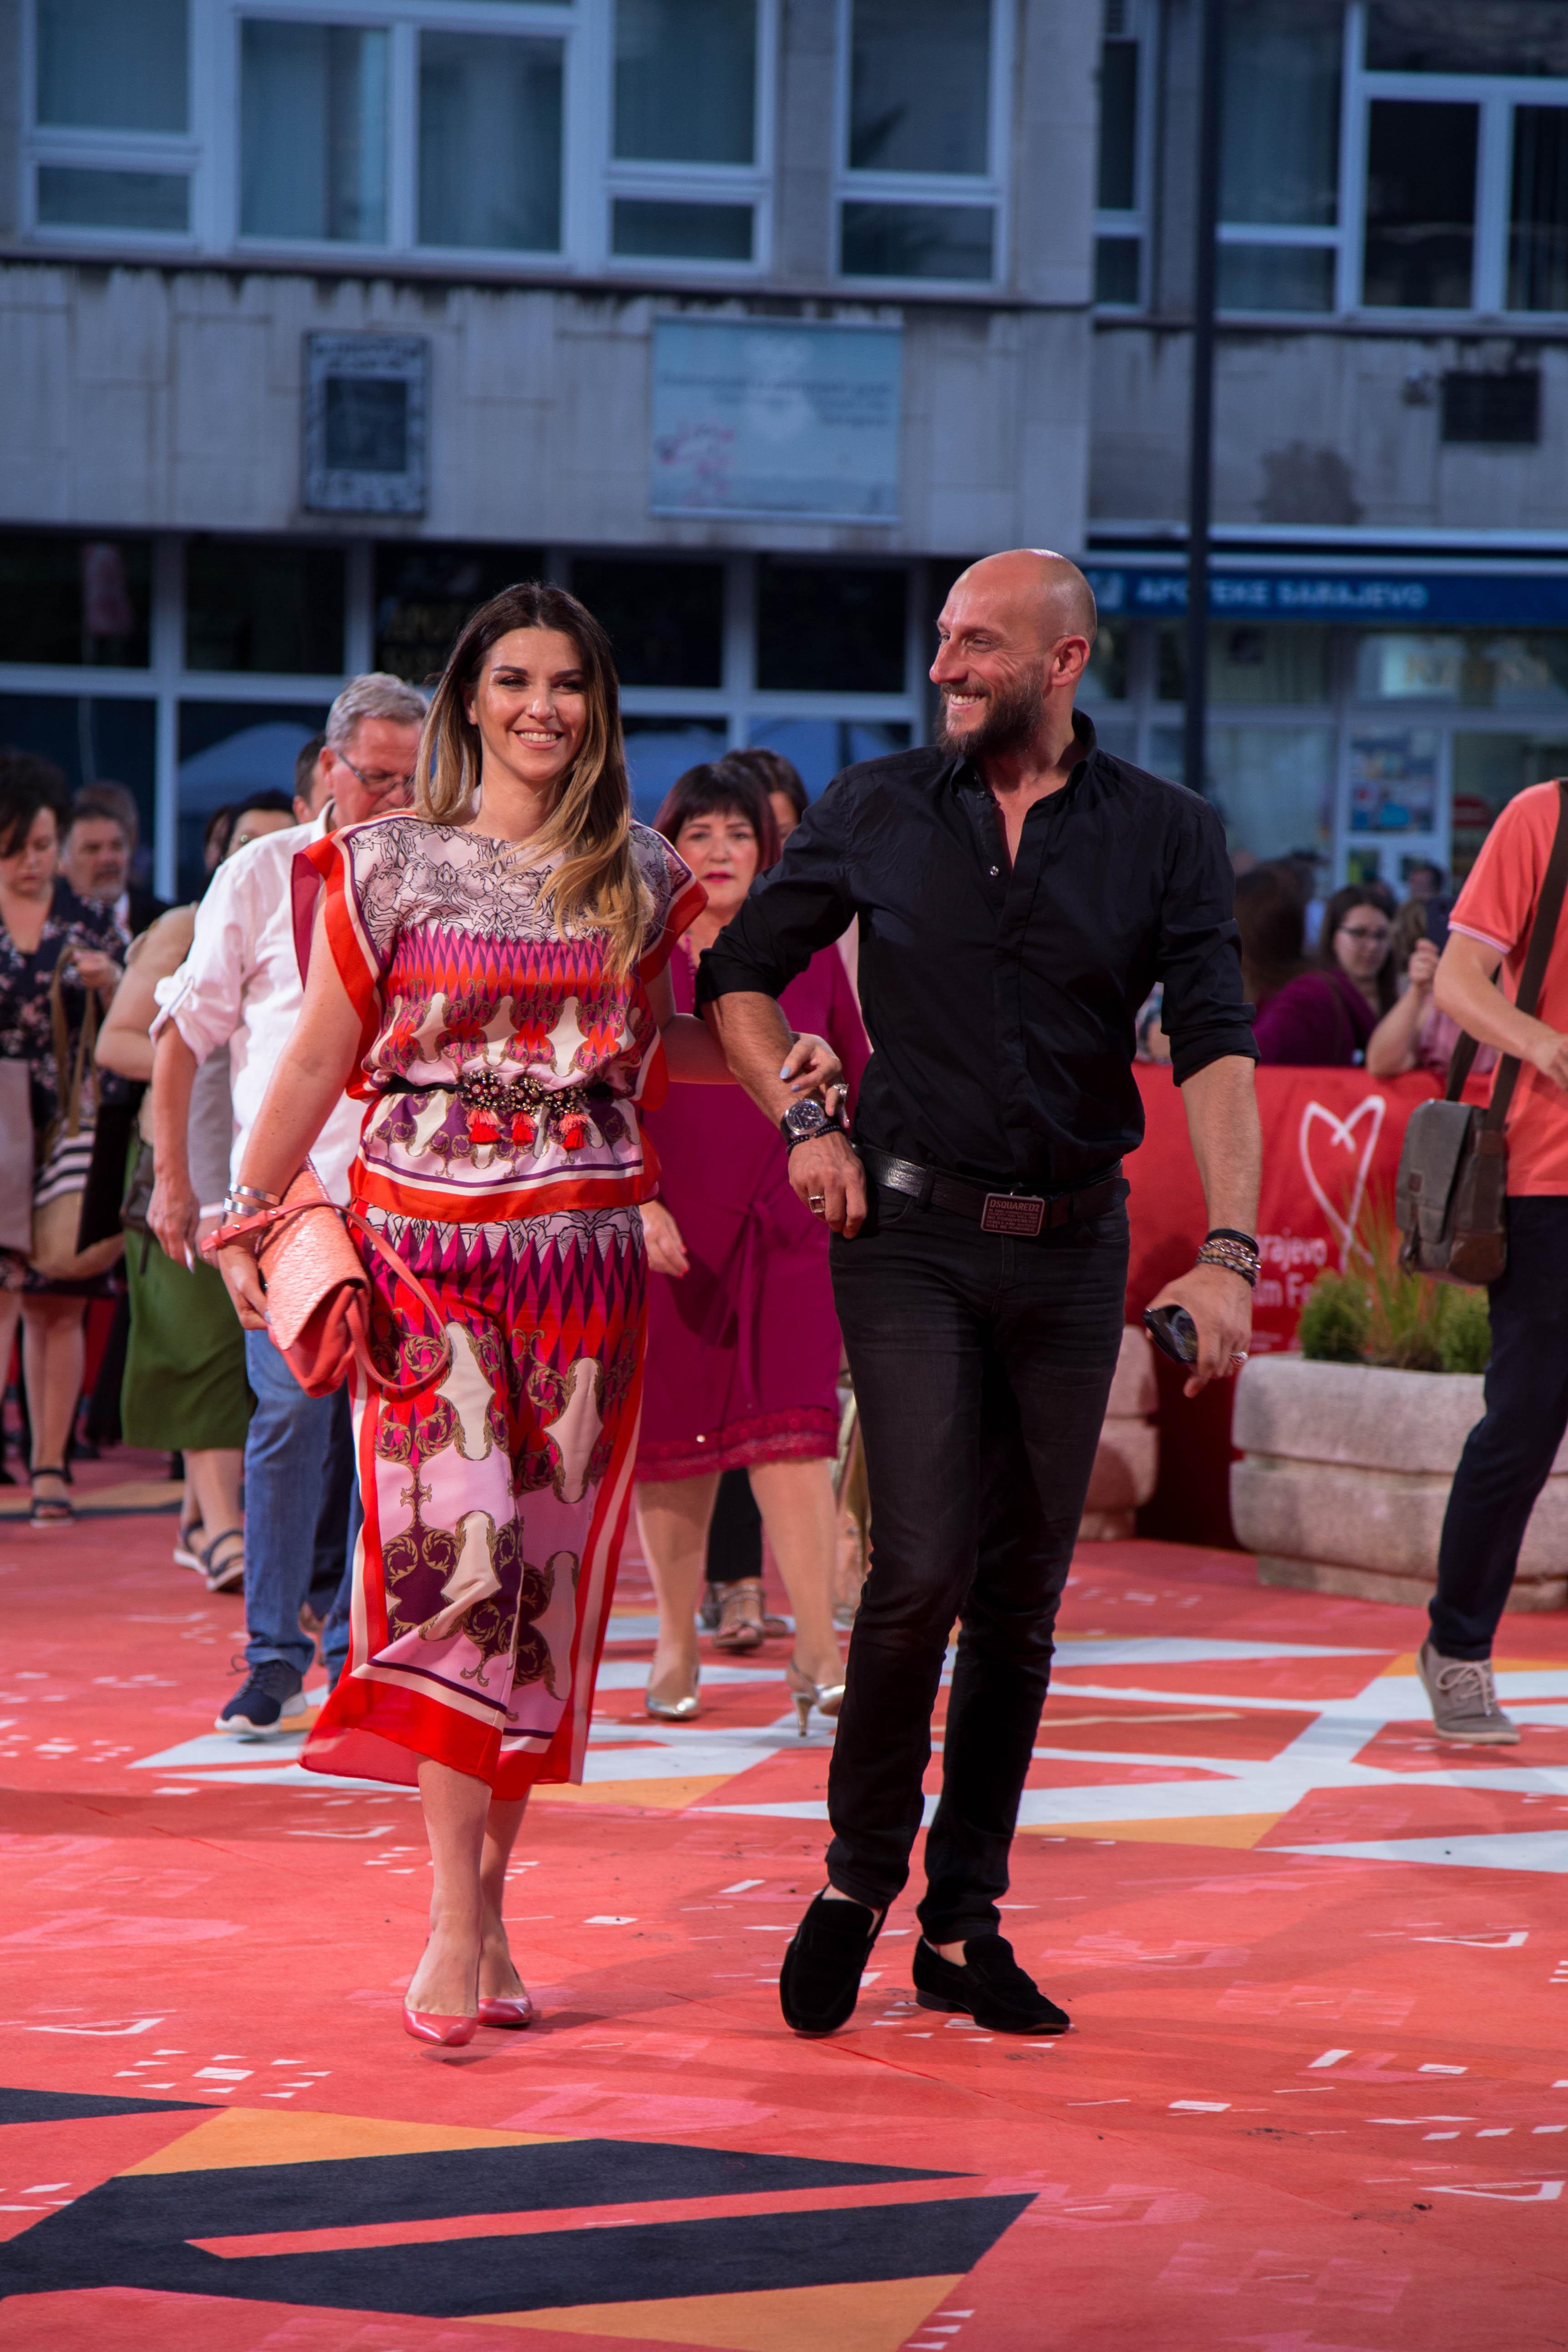 cetvrta noc sarajevo film festival senka catic (11)